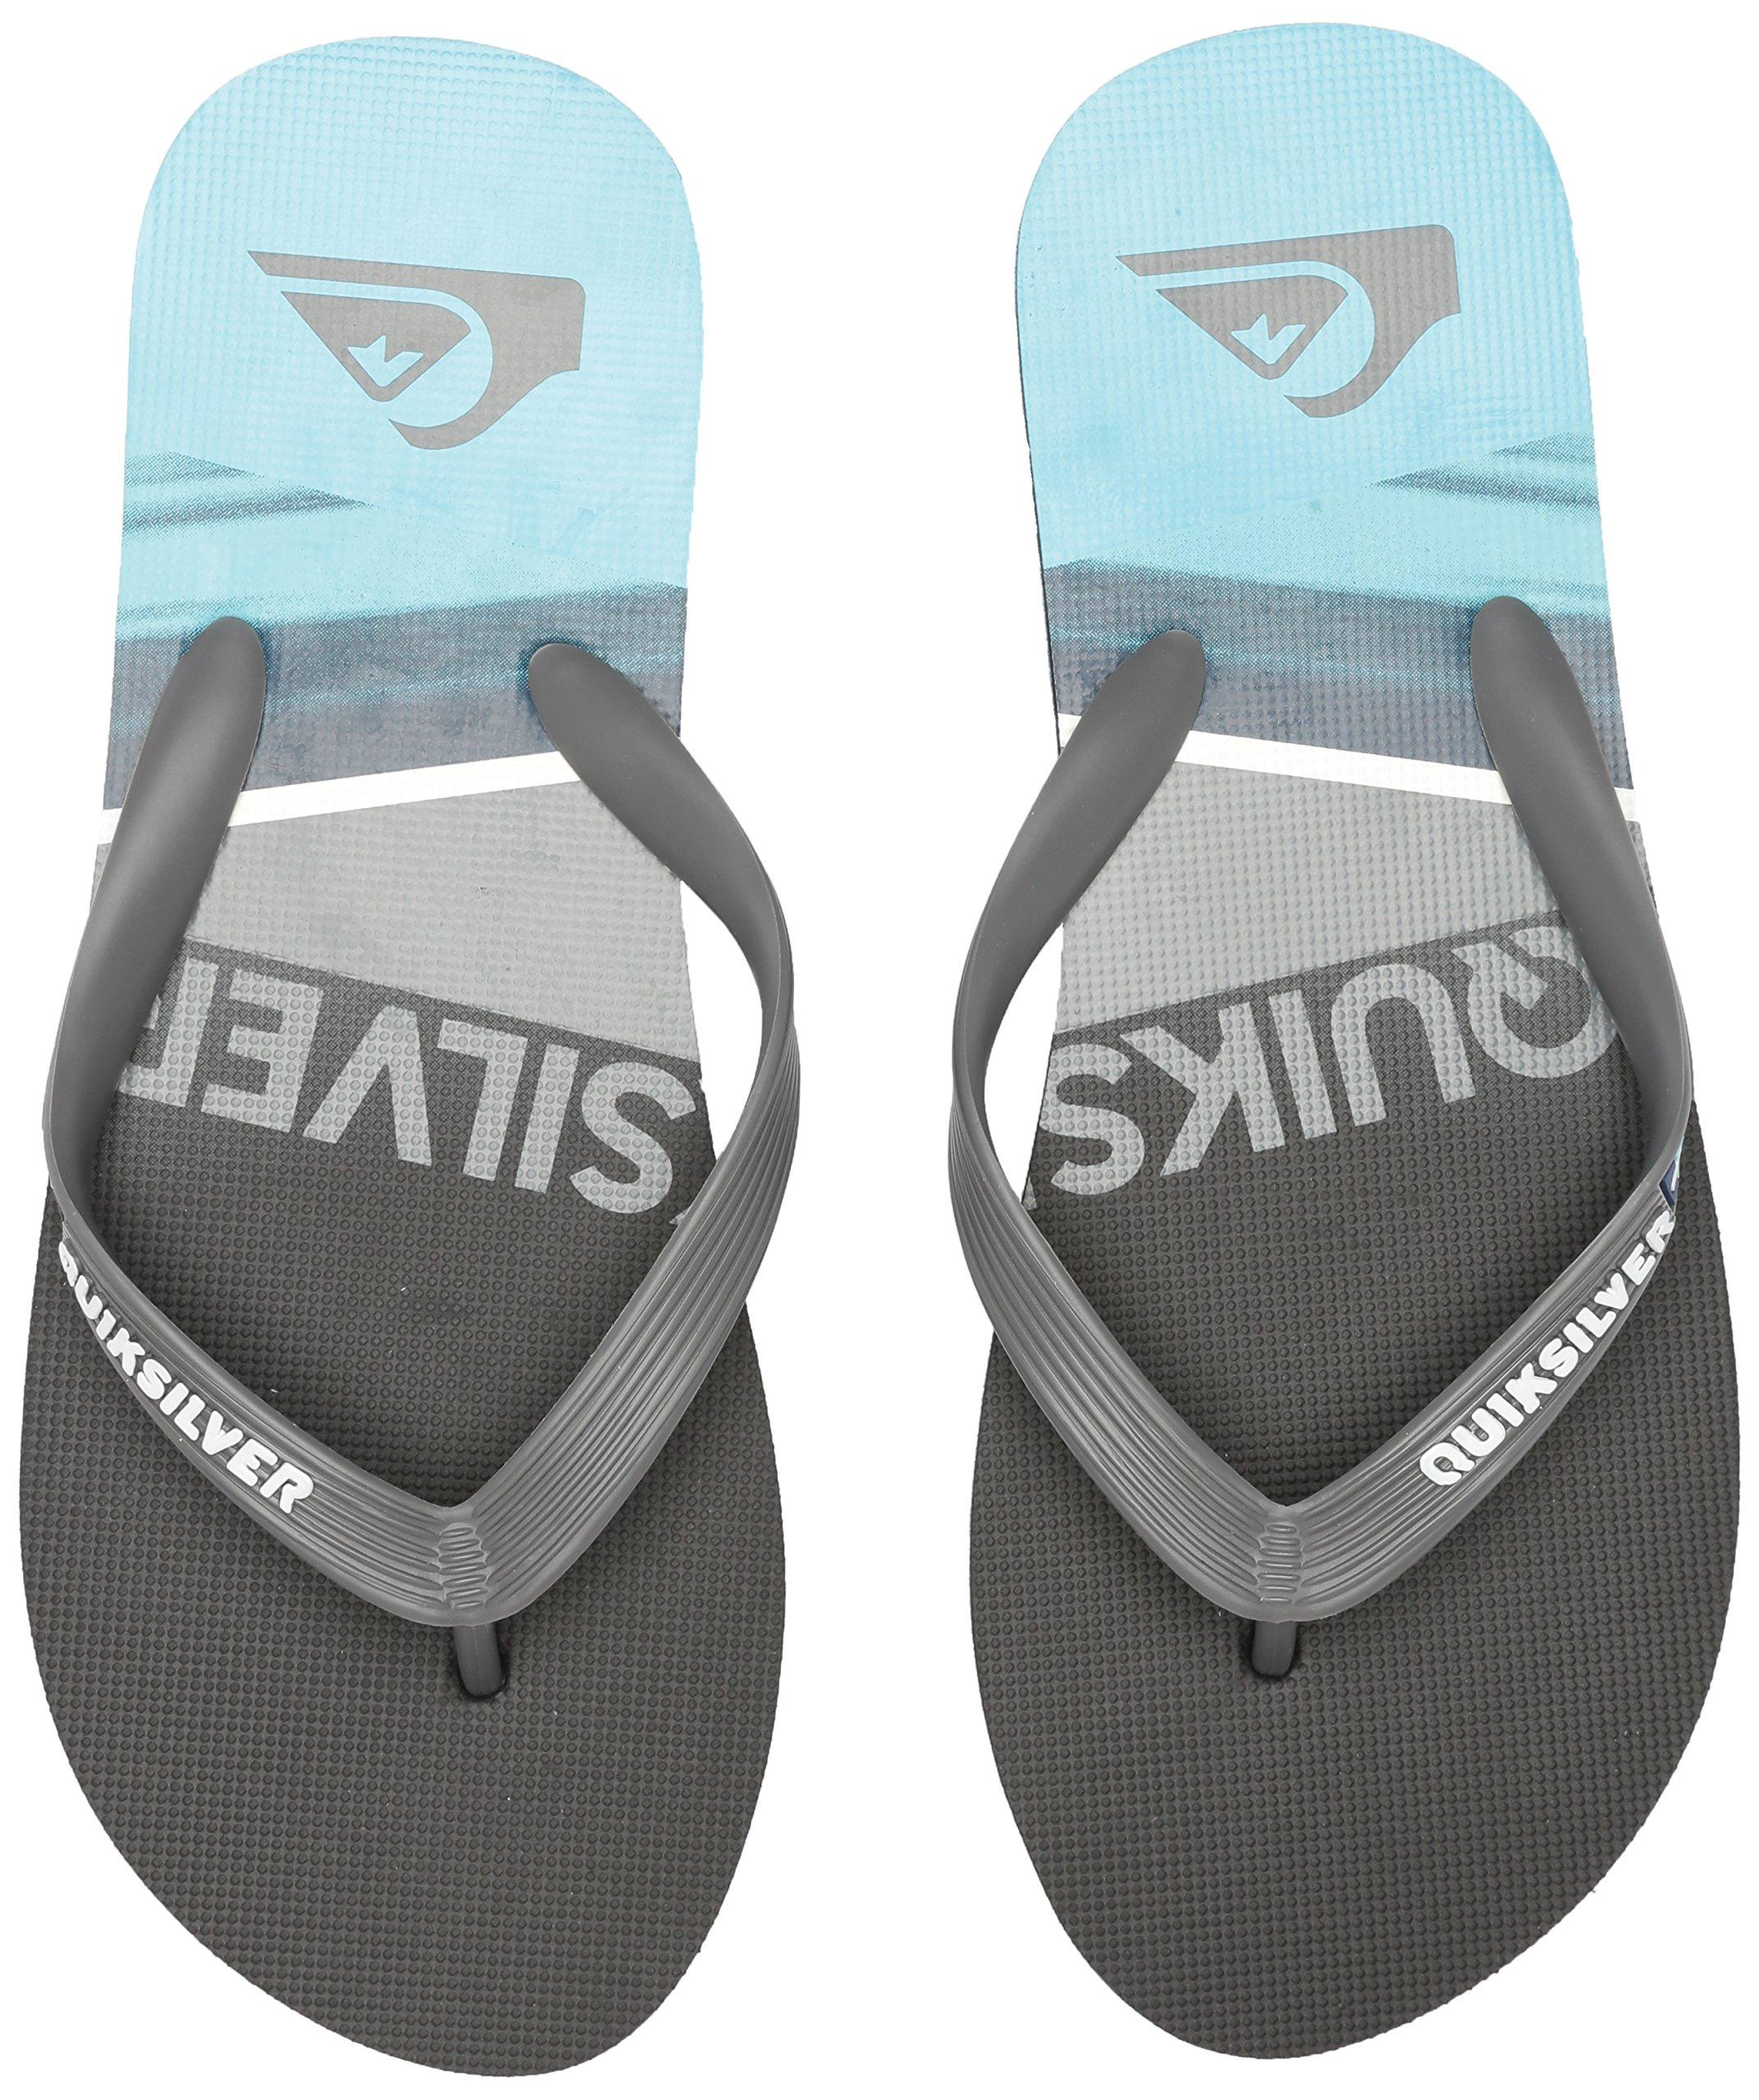 Quiksilver Men's Molokai Slash Sandal, Black/Grey/Blue, 6 D US by Quiksilver (Image #6)